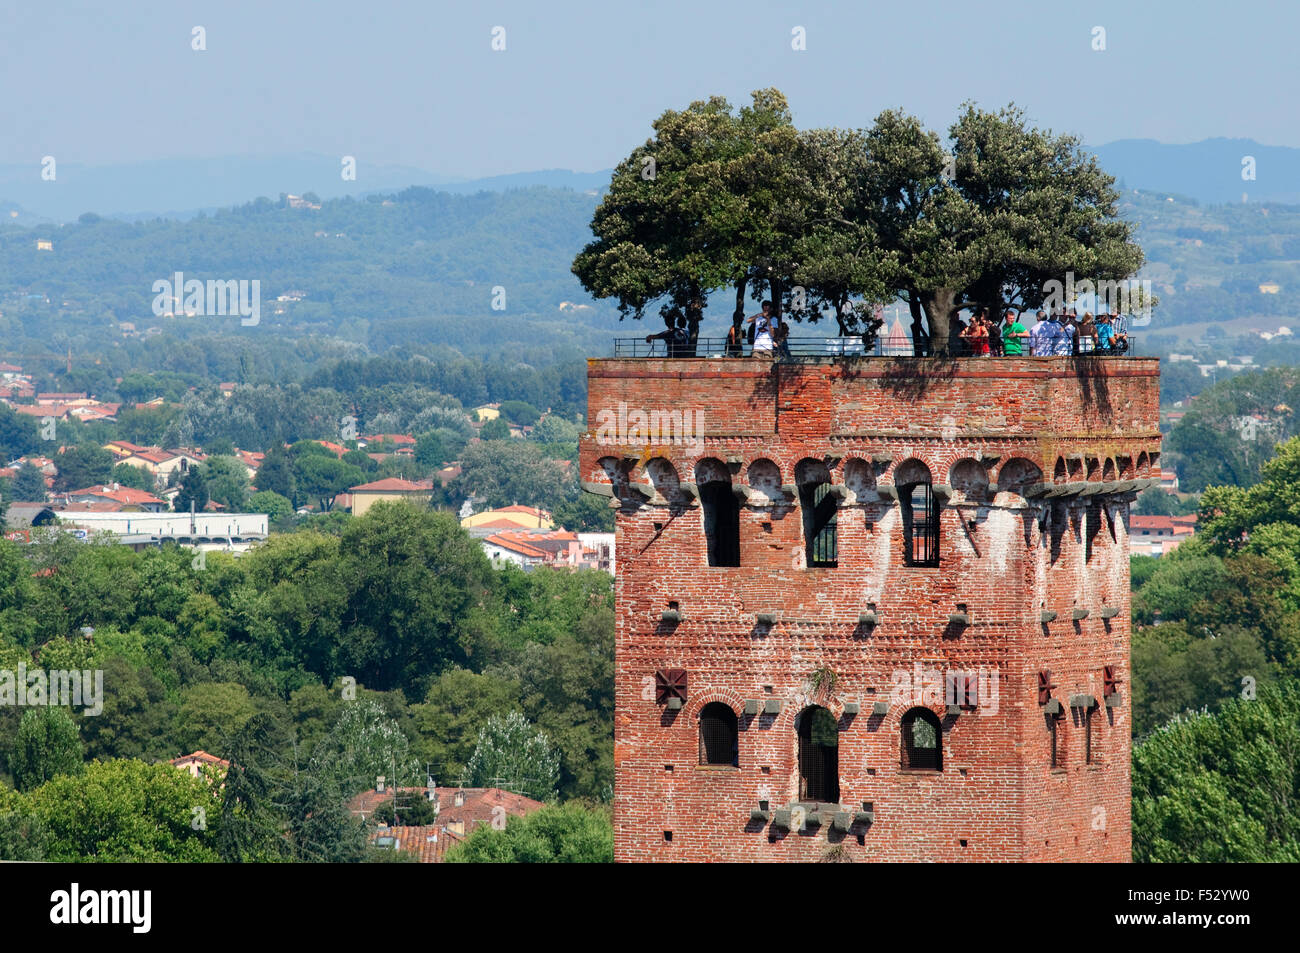 Italy, Tuscany, Lucca, Guinigi Tower - Stock Image